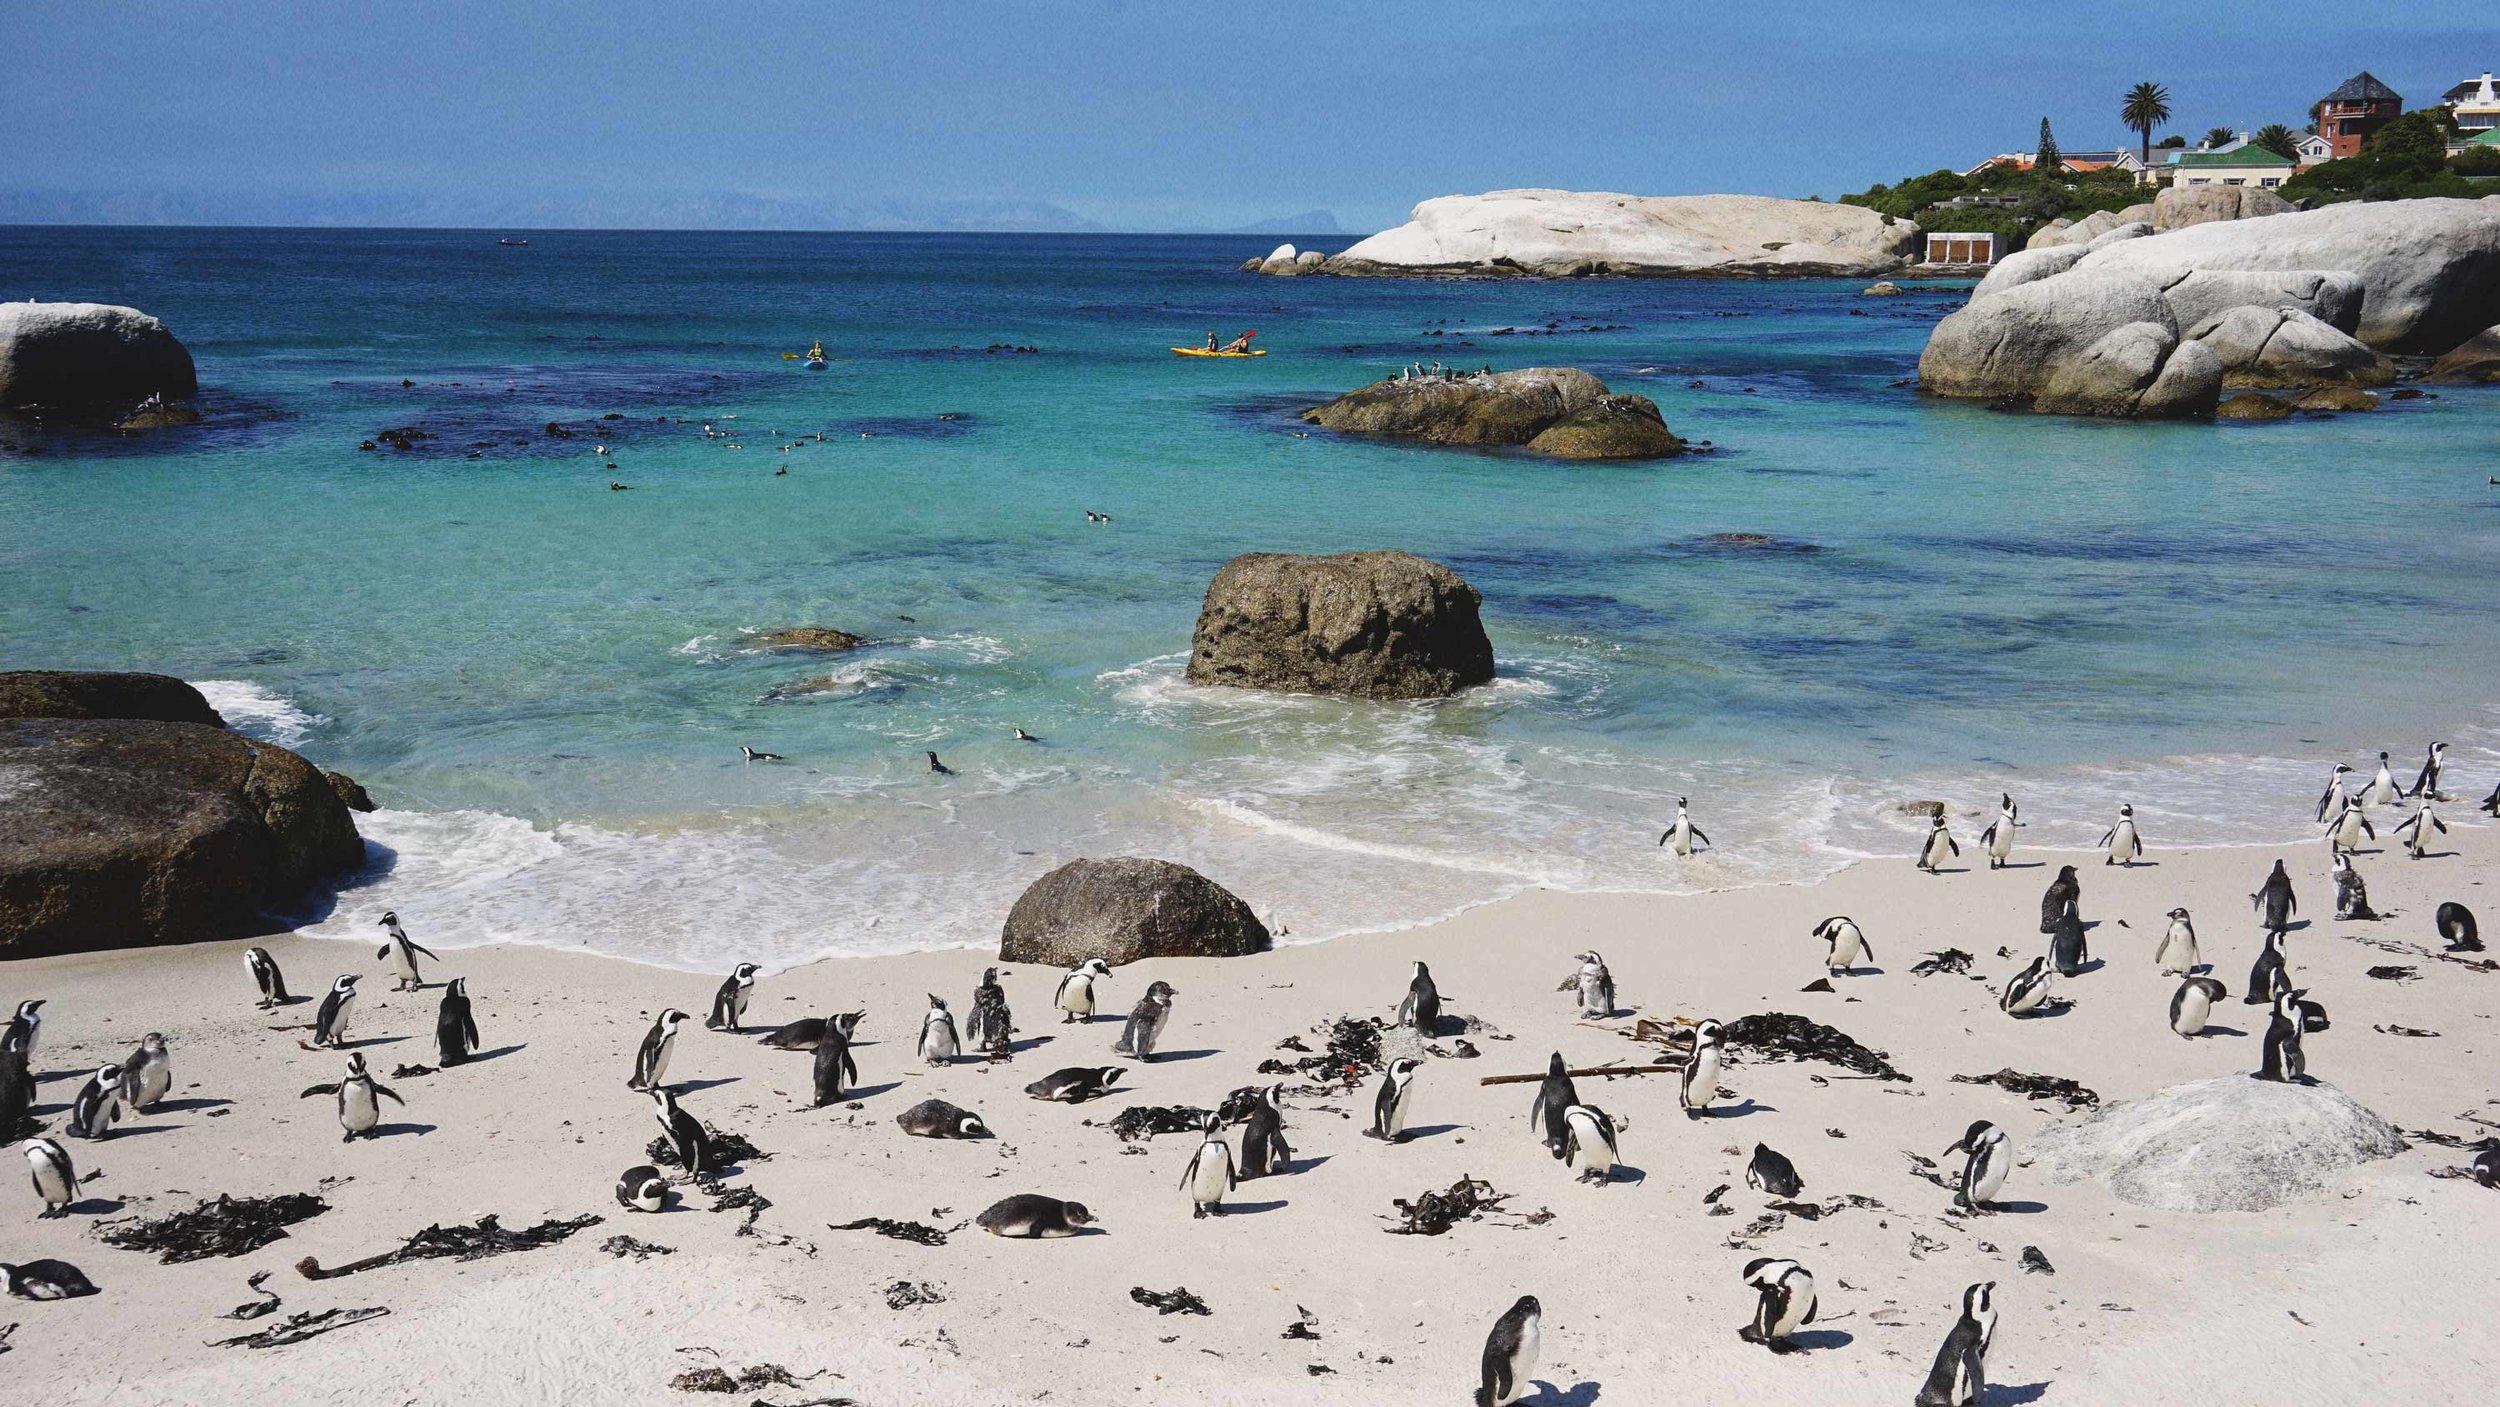 41_Giepert_South_Africa.jpg